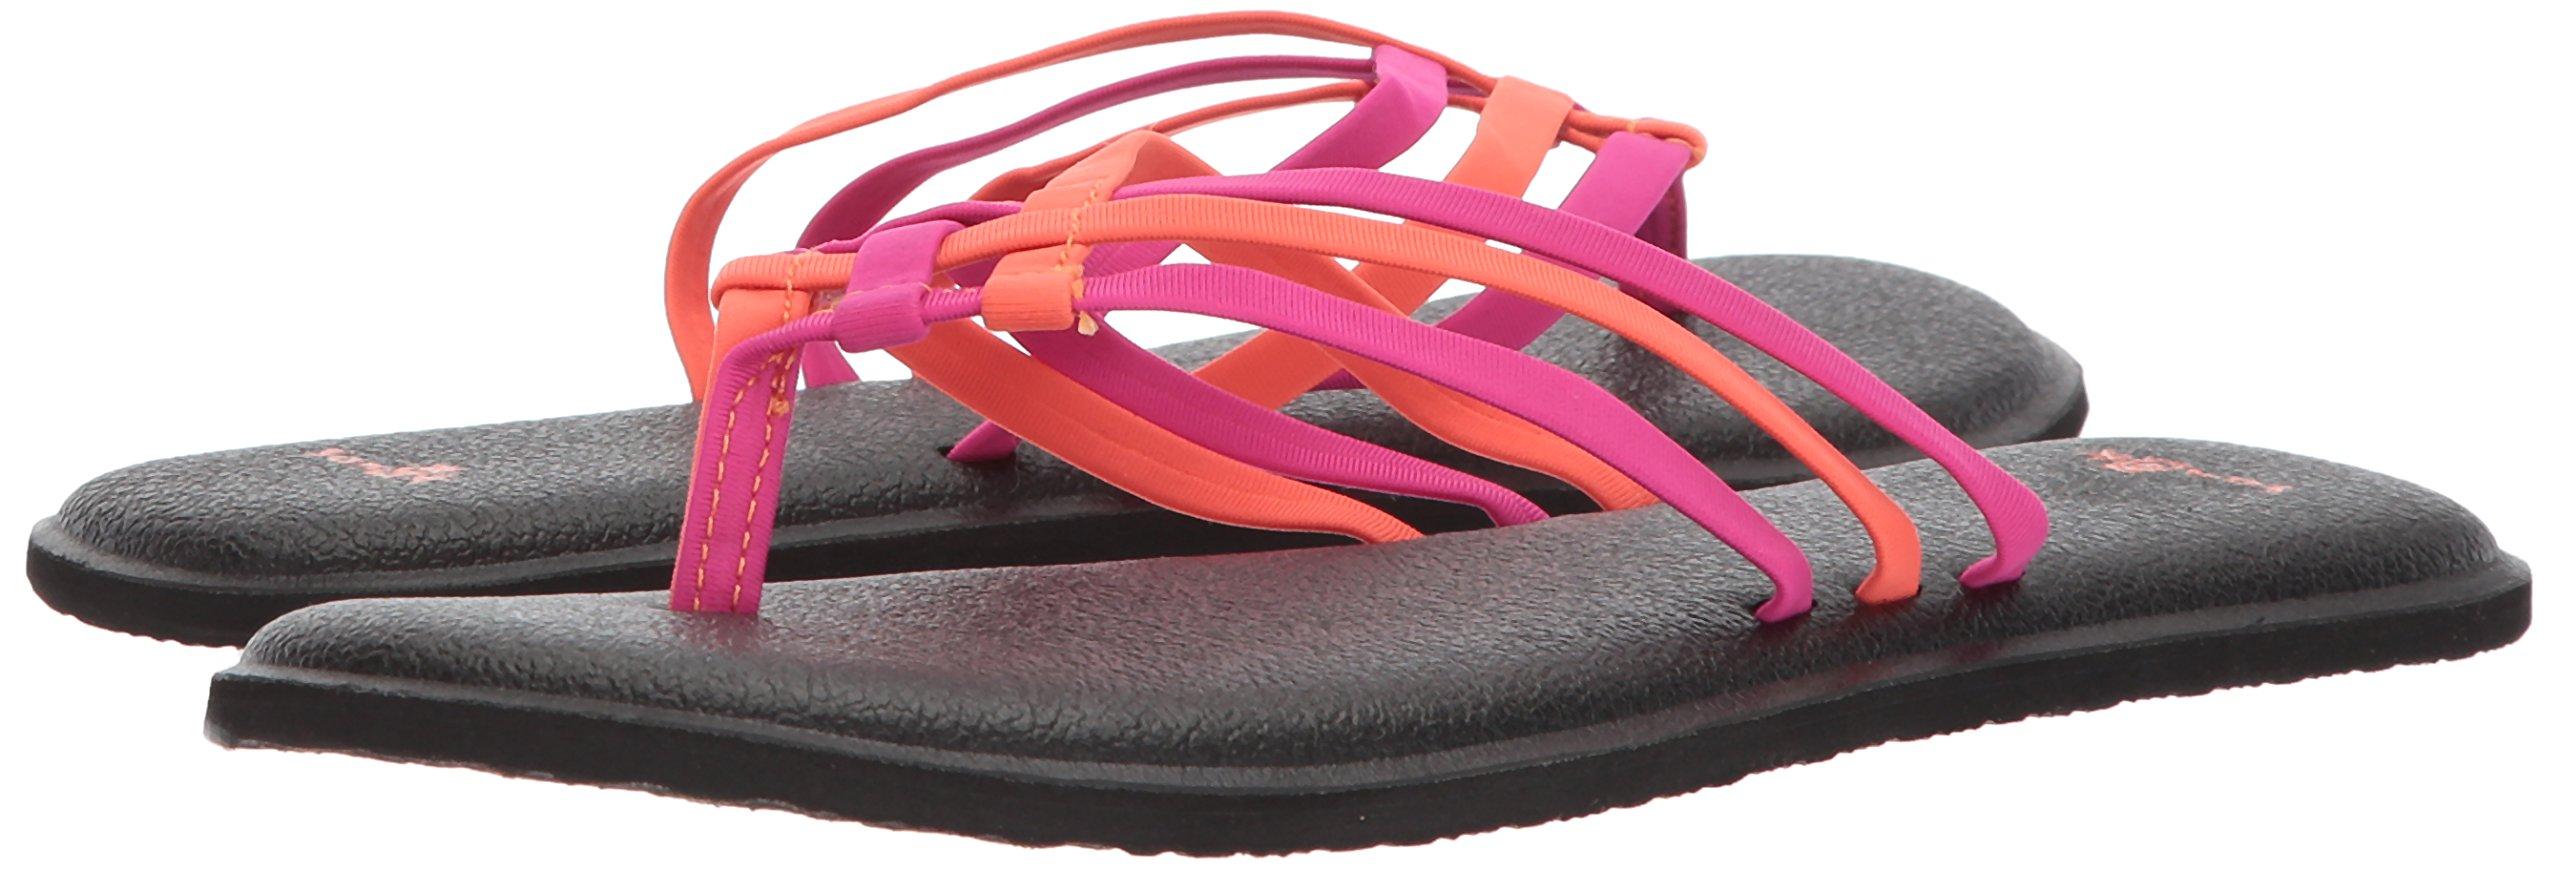 9c910fb90ce7ab Sanuk Women s Yoga Salty Flip-Flop - 1016005   Shoes   Clothing ...